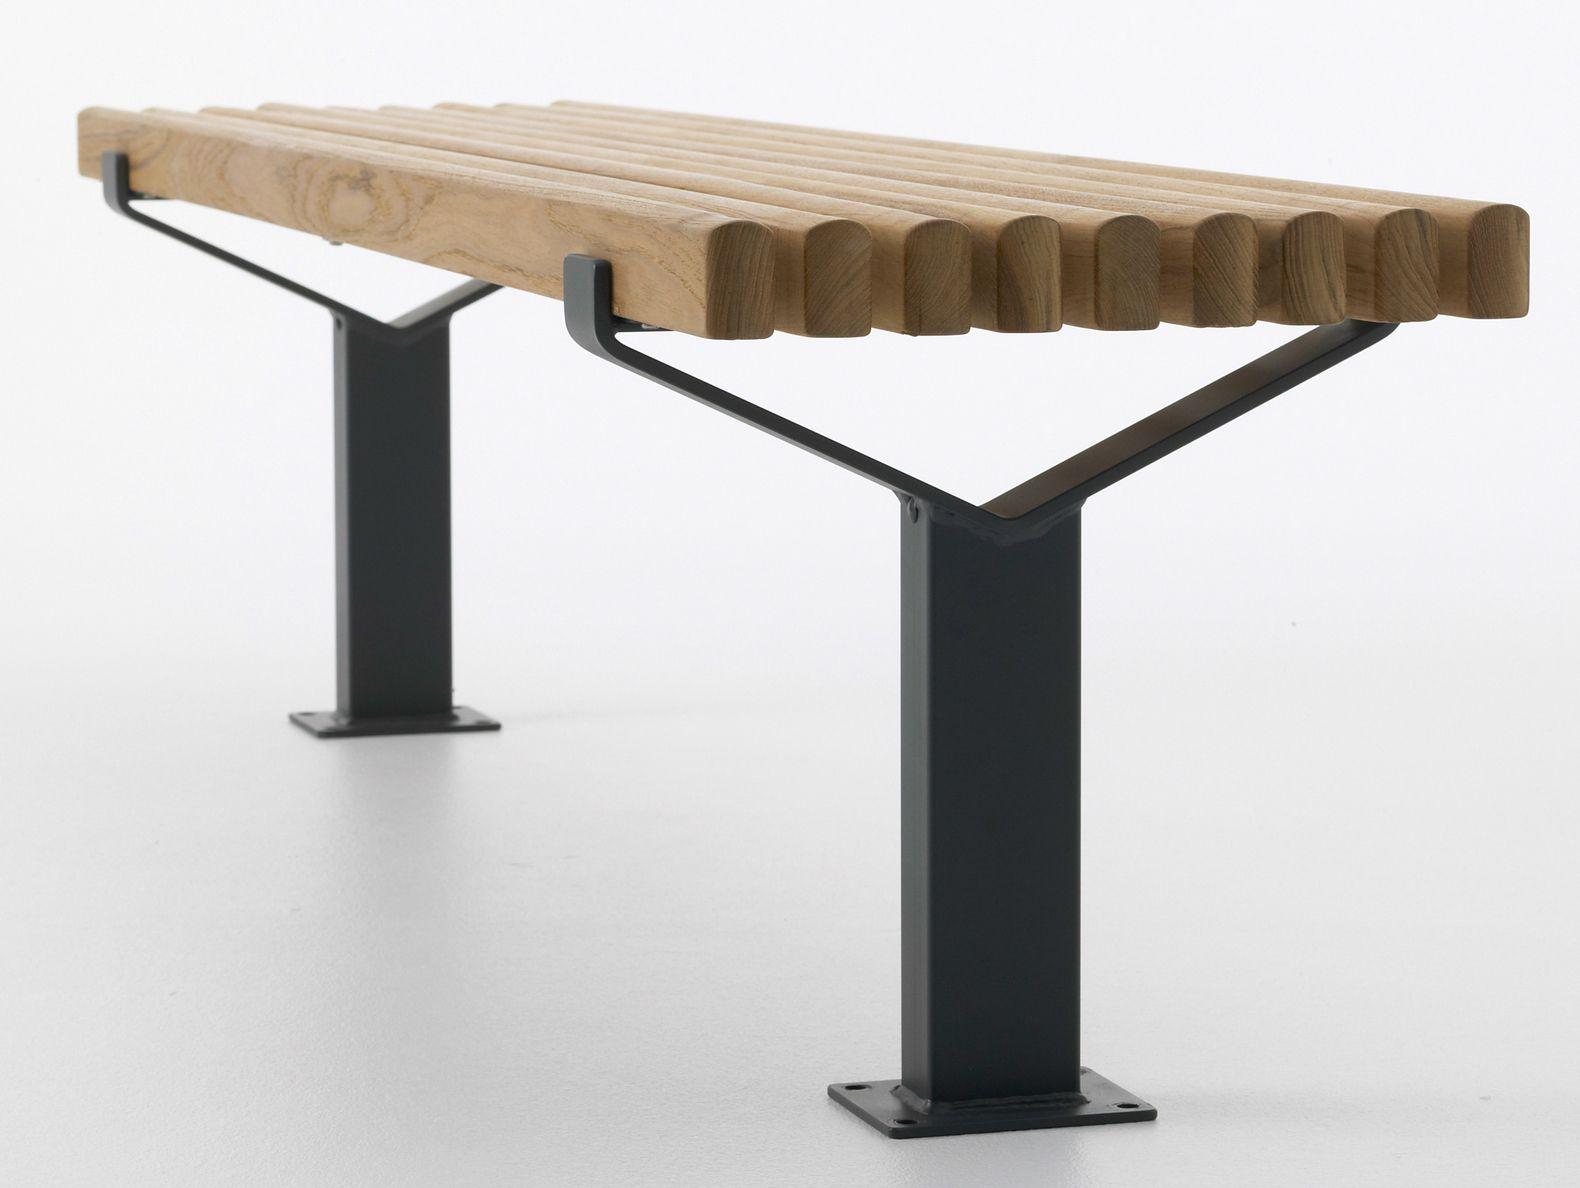 sitzbank aus stahl und holz ohne r ckenlehne luma bank ohne. Black Bedroom Furniture Sets. Home Design Ideas